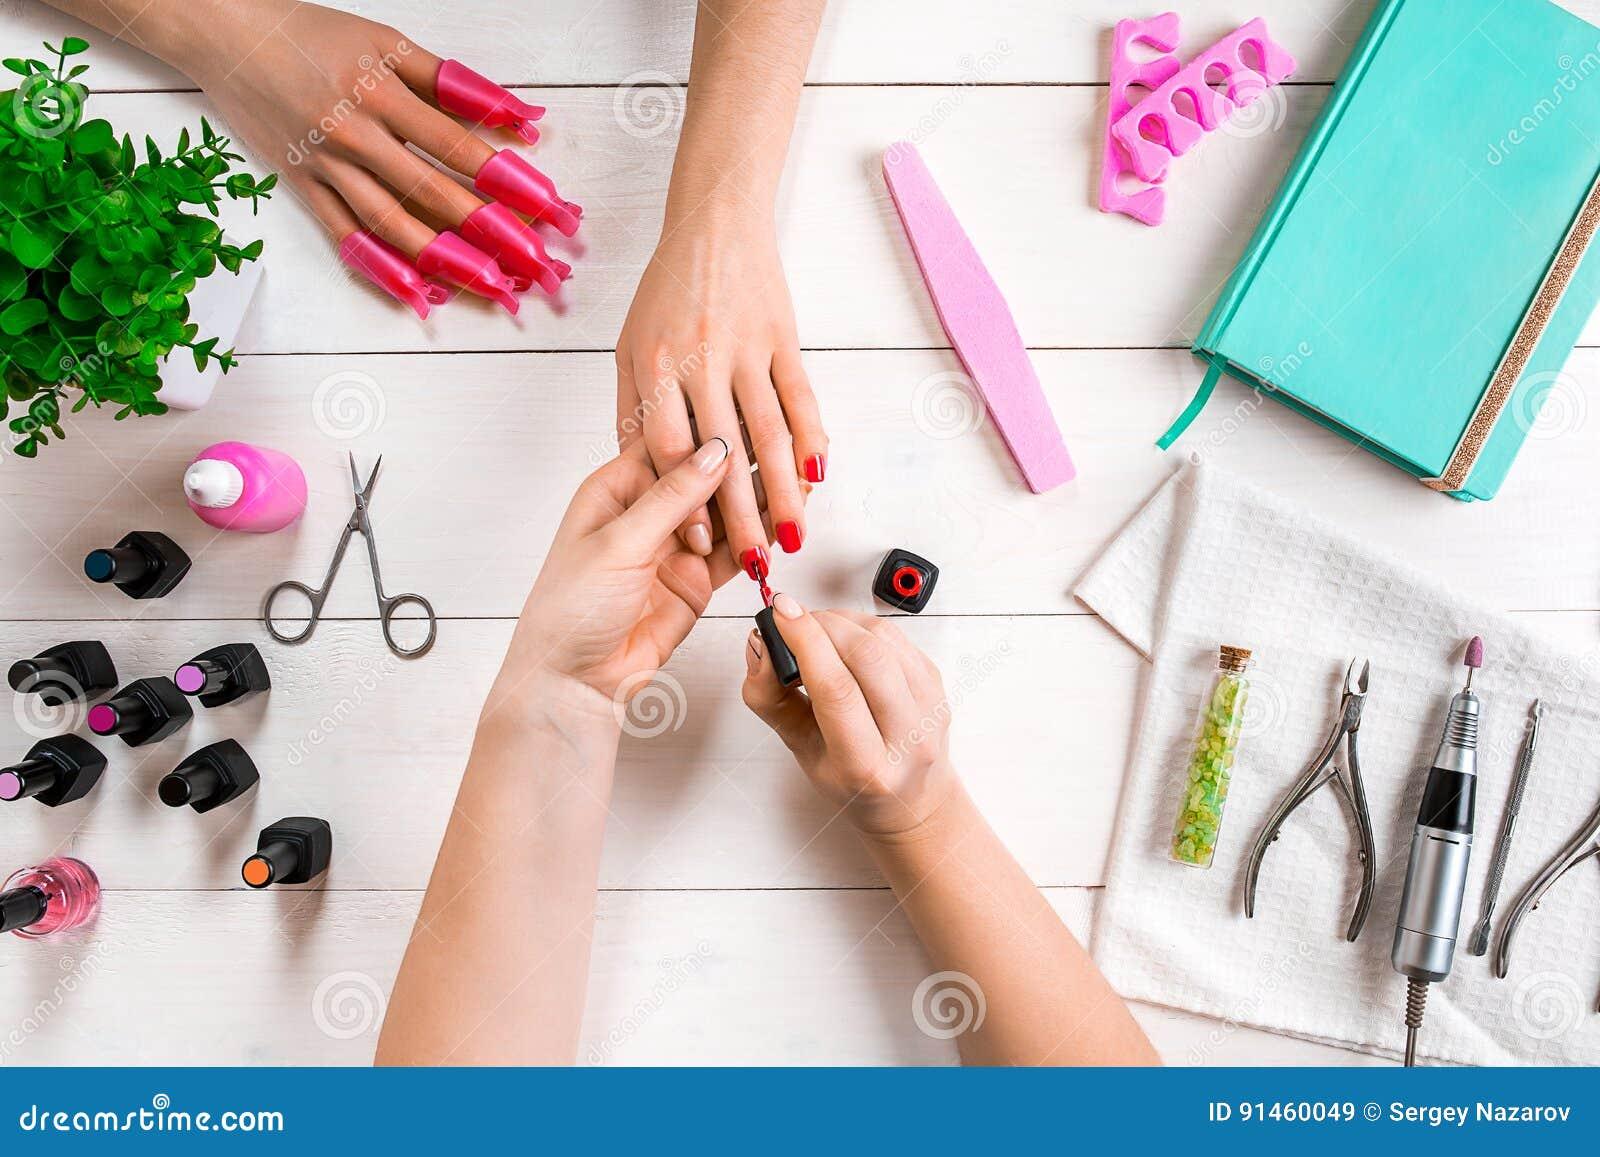 позаботьте ноготь ногтя хлопка извлекая политуру пробирки Крупный план женских рук храня ногти с профессиональной пилочкой для но